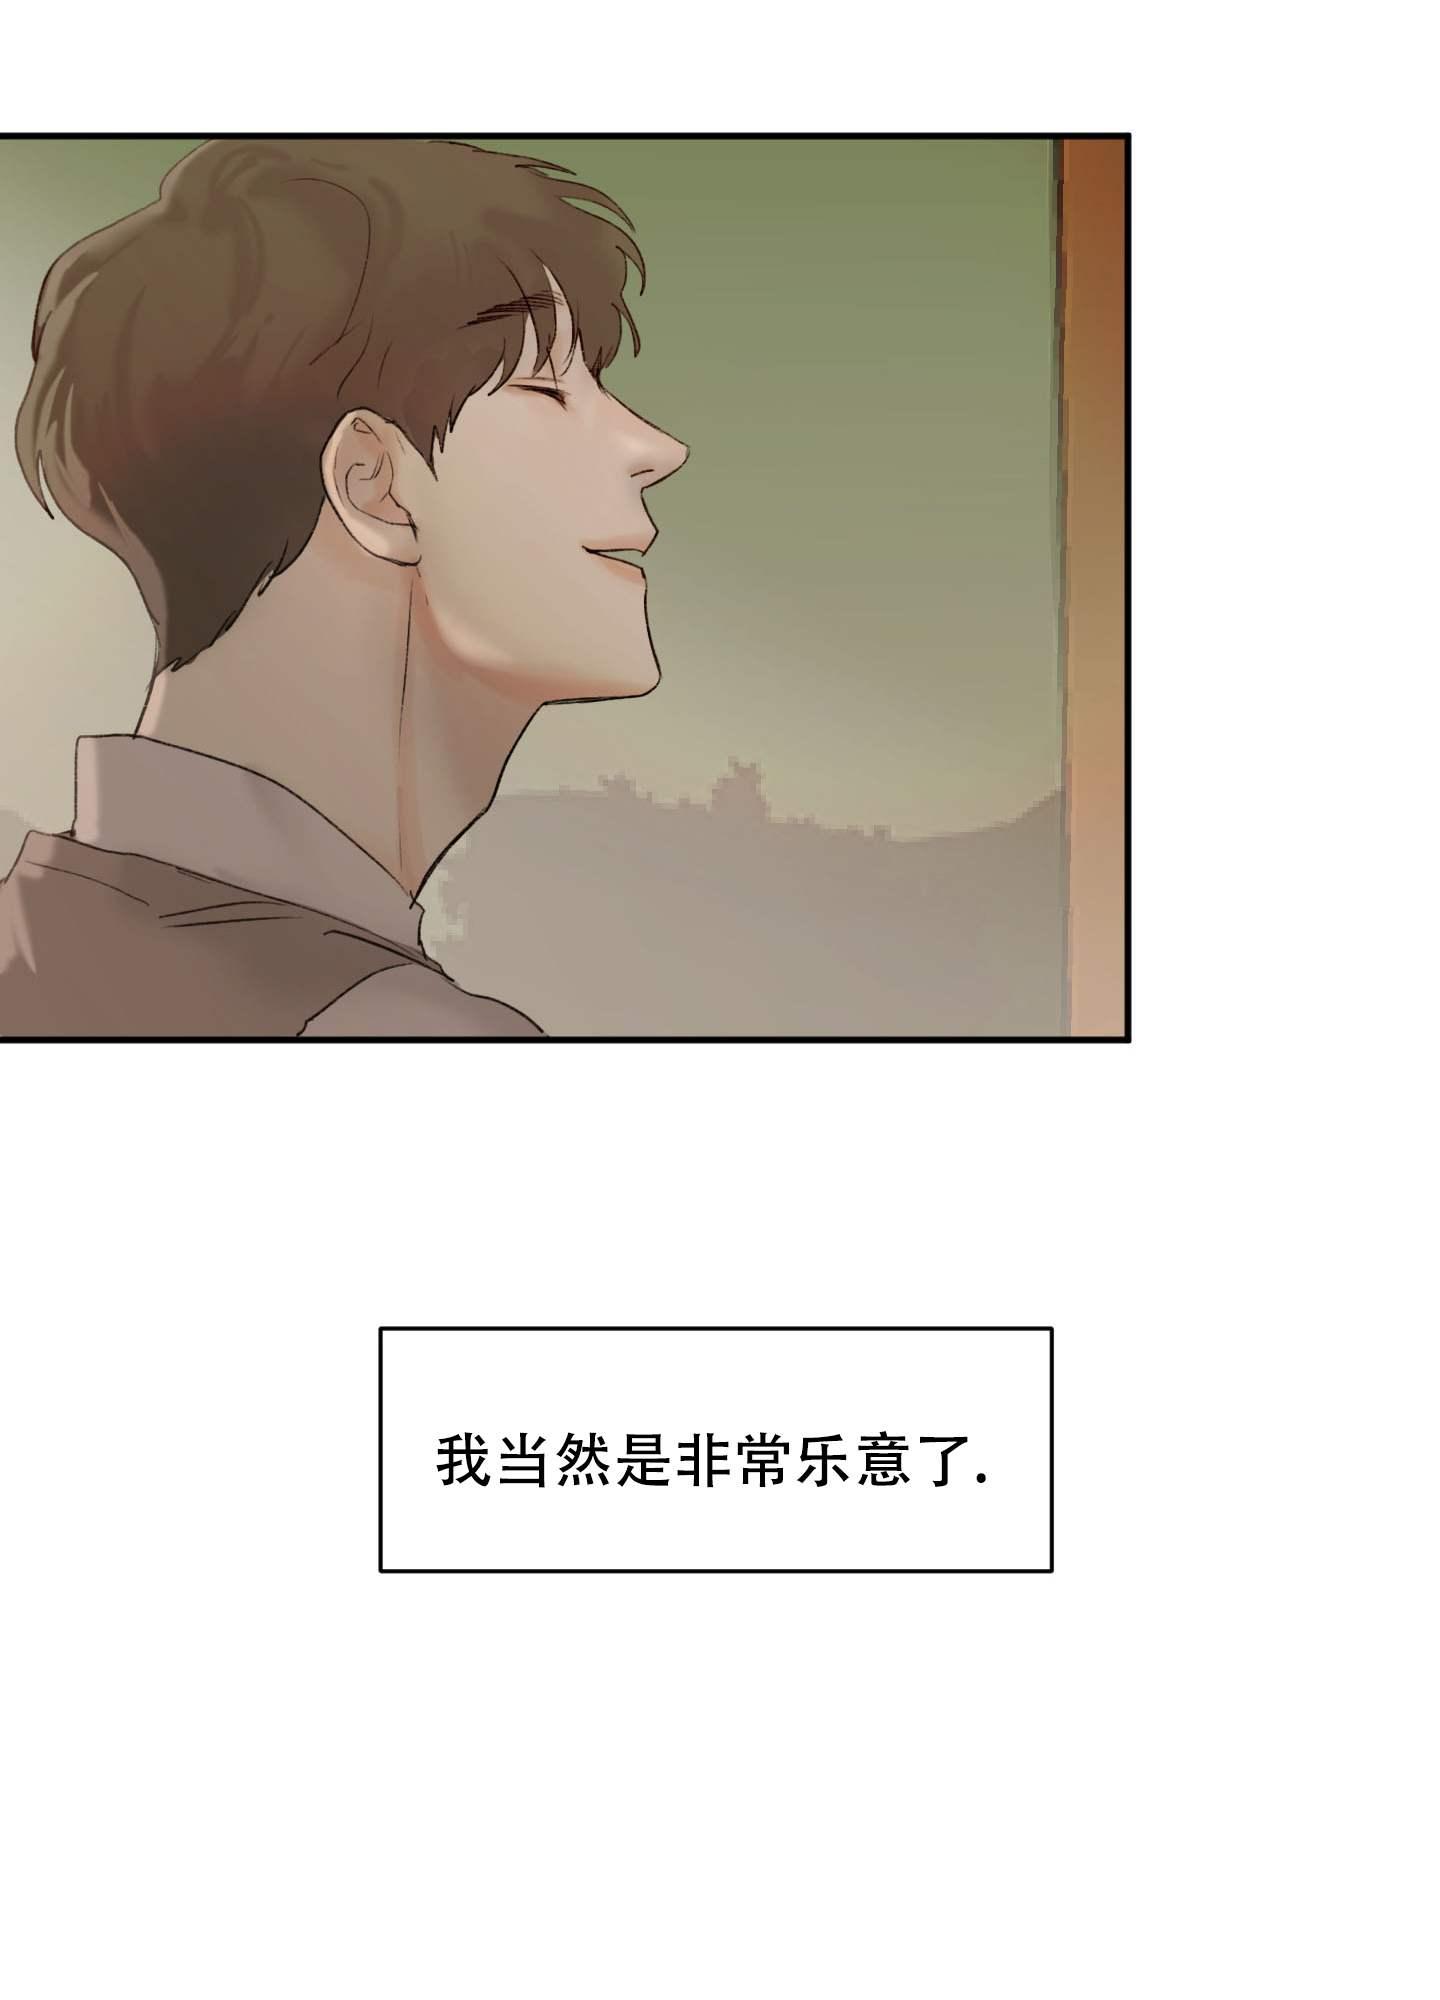 韩漫 |《恶魔的低语》年下痞老板,上来就扑倒!  第24张